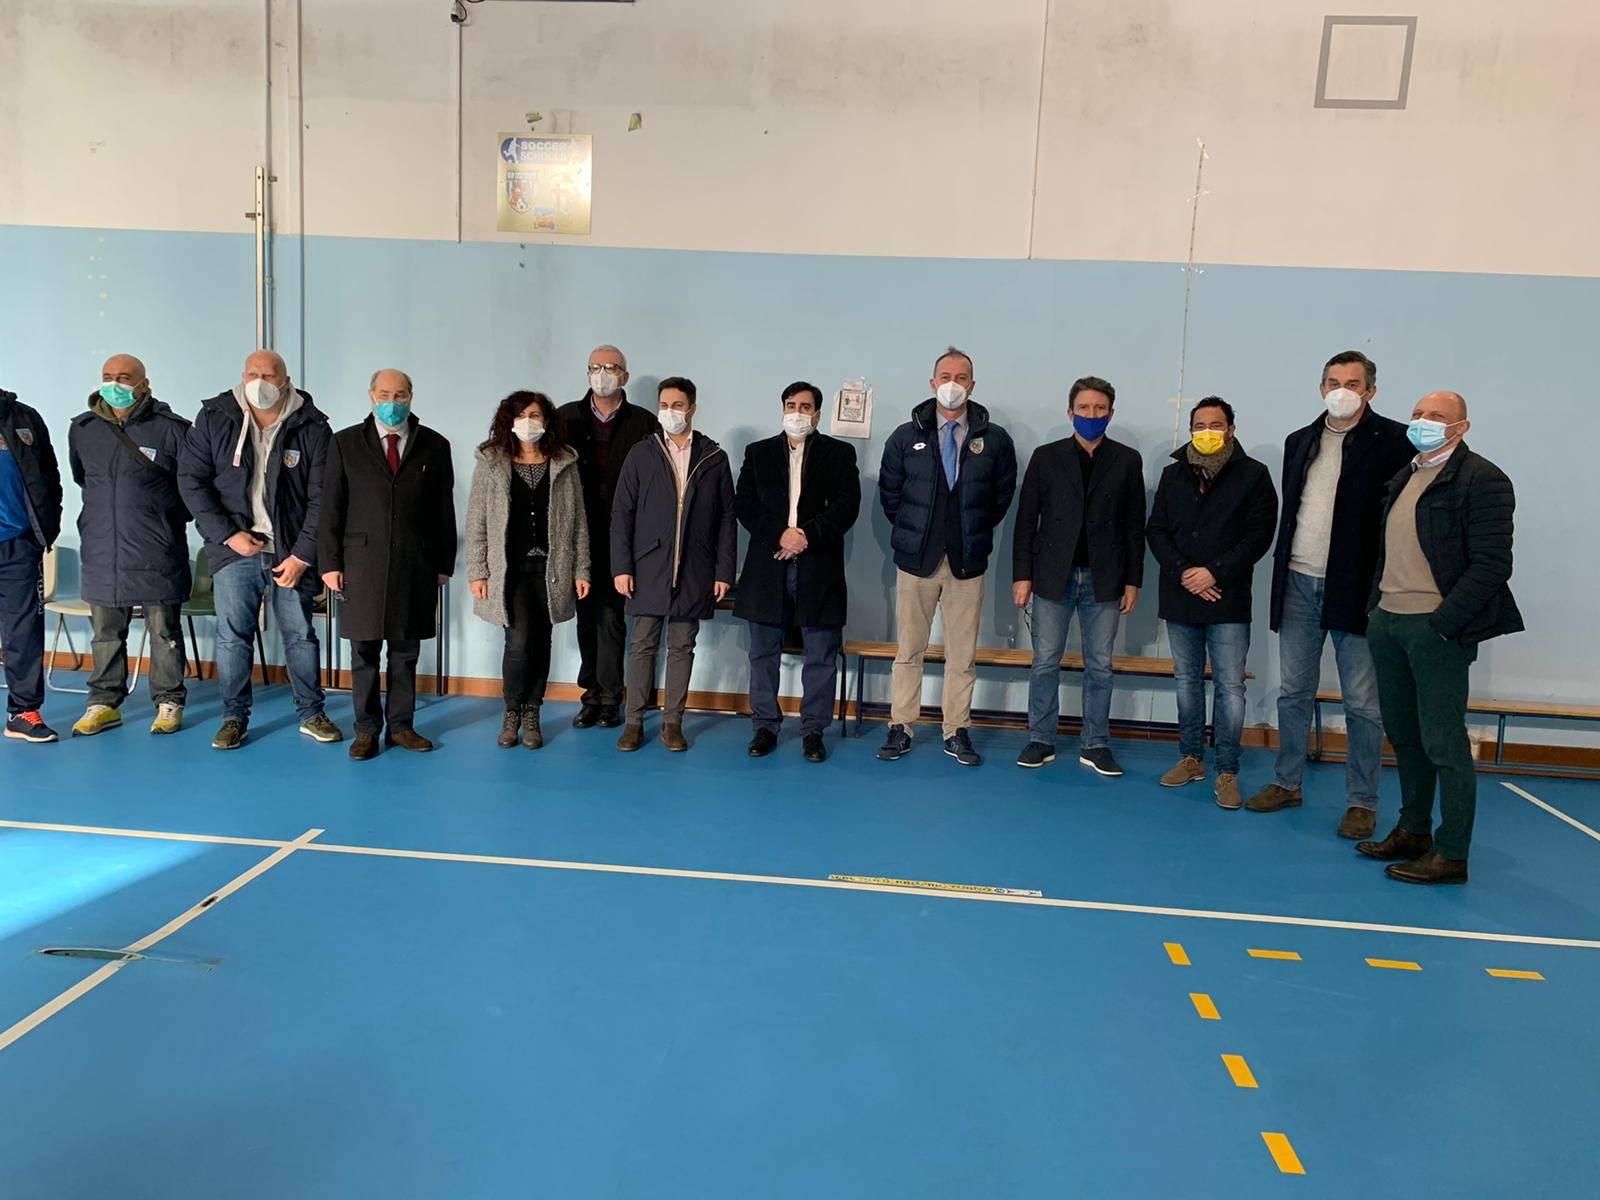 Progetto Soccer School, inaugurata la targa a Campomorone